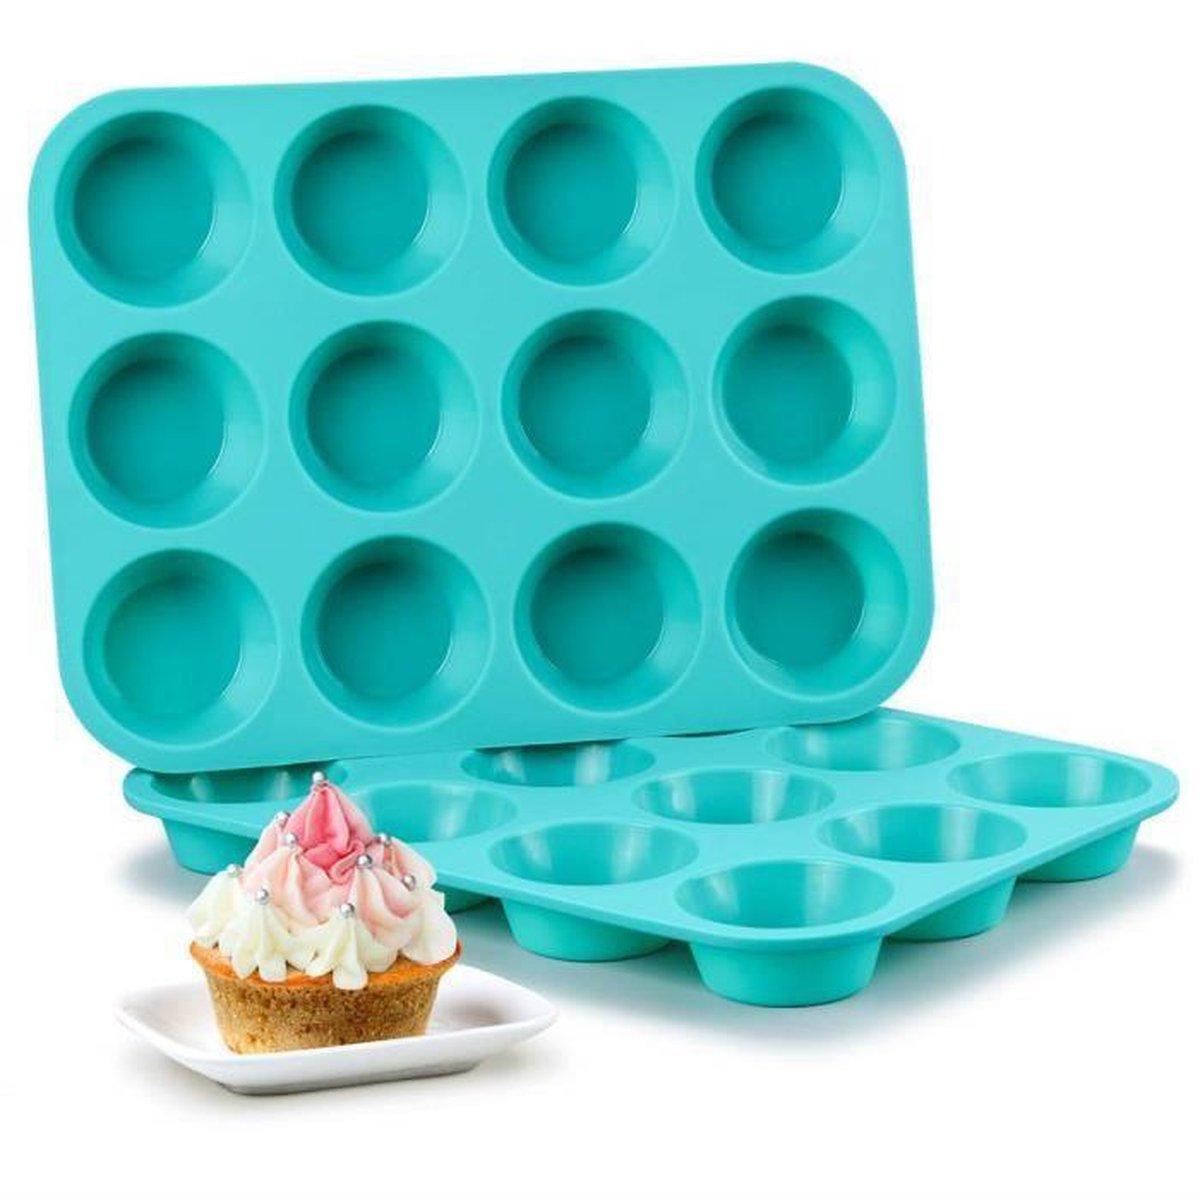 12-Muffinbakvorm - Lichtblauw - Siliconen - Bakvorm - Cupcake Bakvorm - Muffinvorm - Cupcake Vormpje